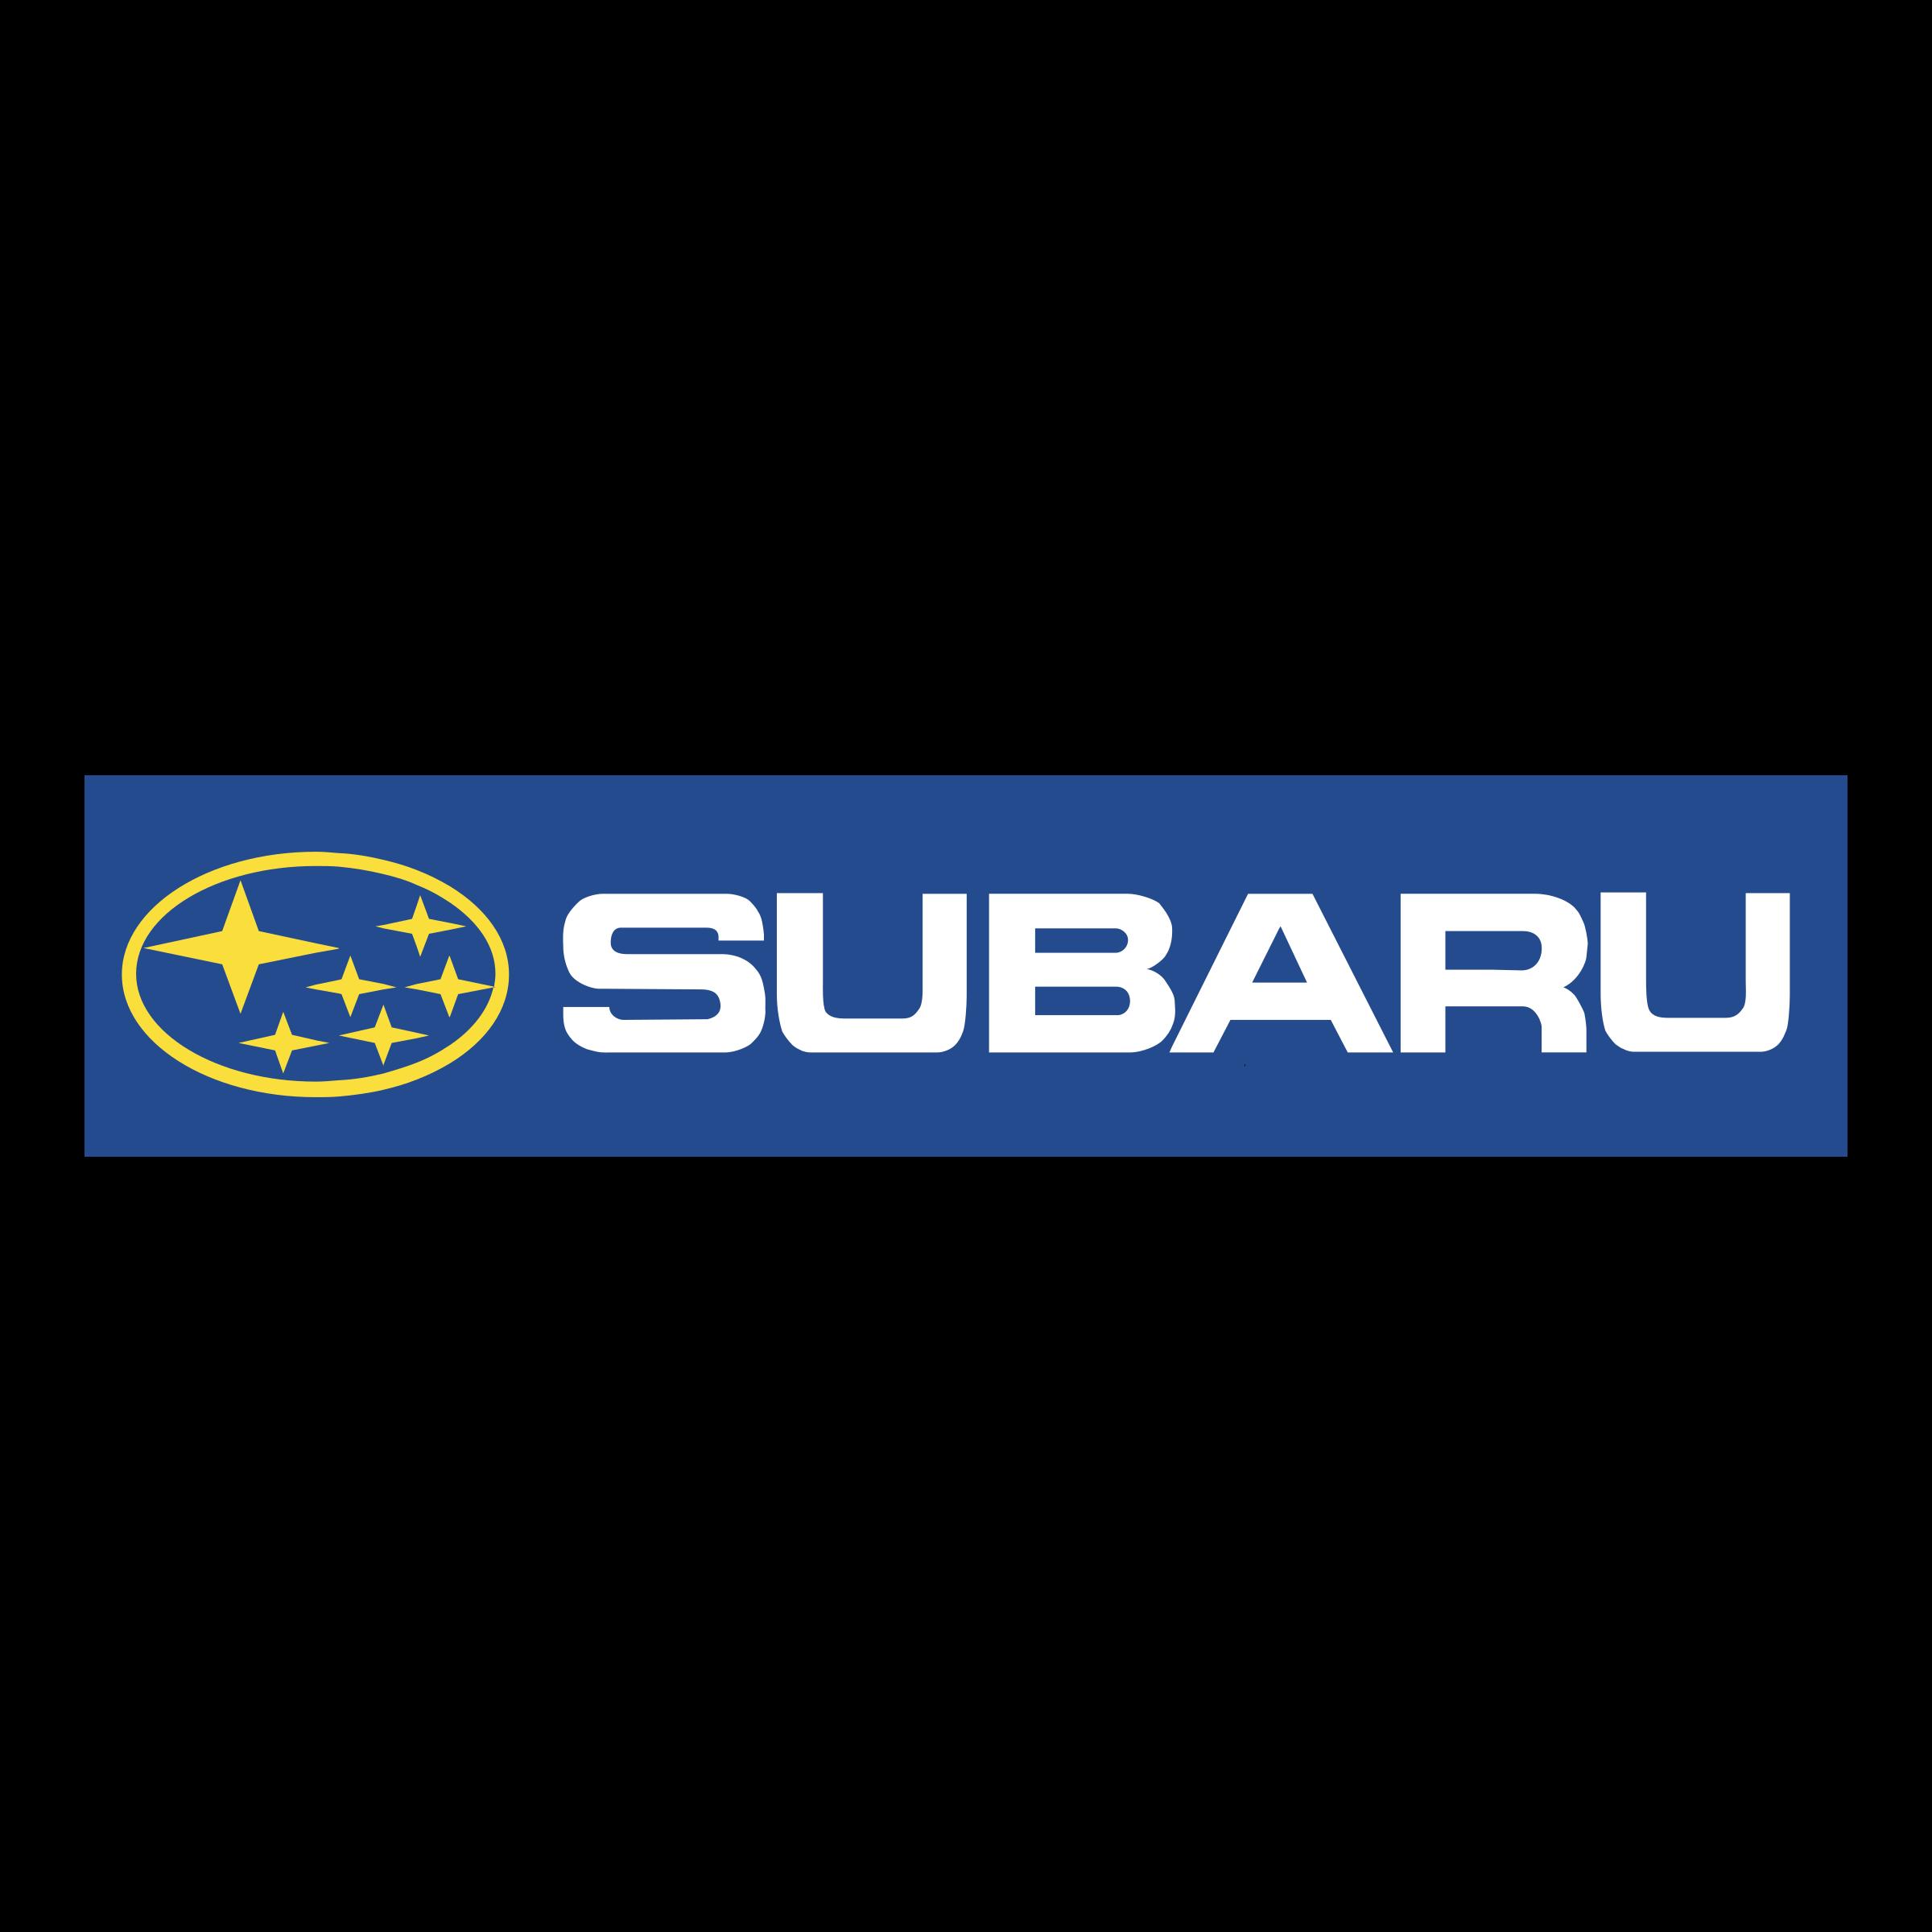 subaru logo png transparent svg vector freebie supply rh freebiesupply com subaru logo white png subaru logo pleiades